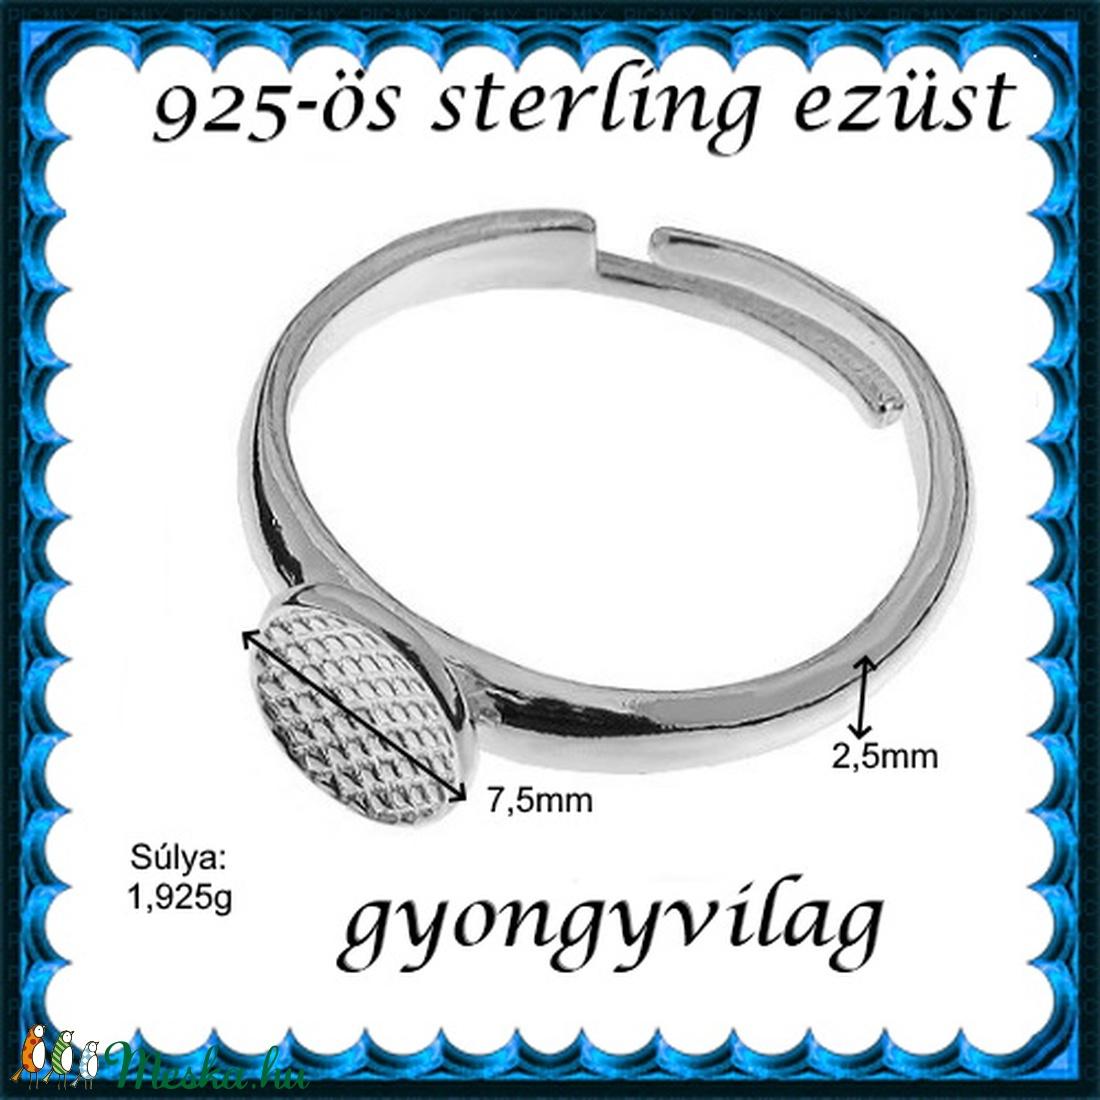 925-ös sterling ezüst gyűrű alap EGY 06 állítható méret - gyöngy, ékszerkellék - fém köztesek - Meska.hu